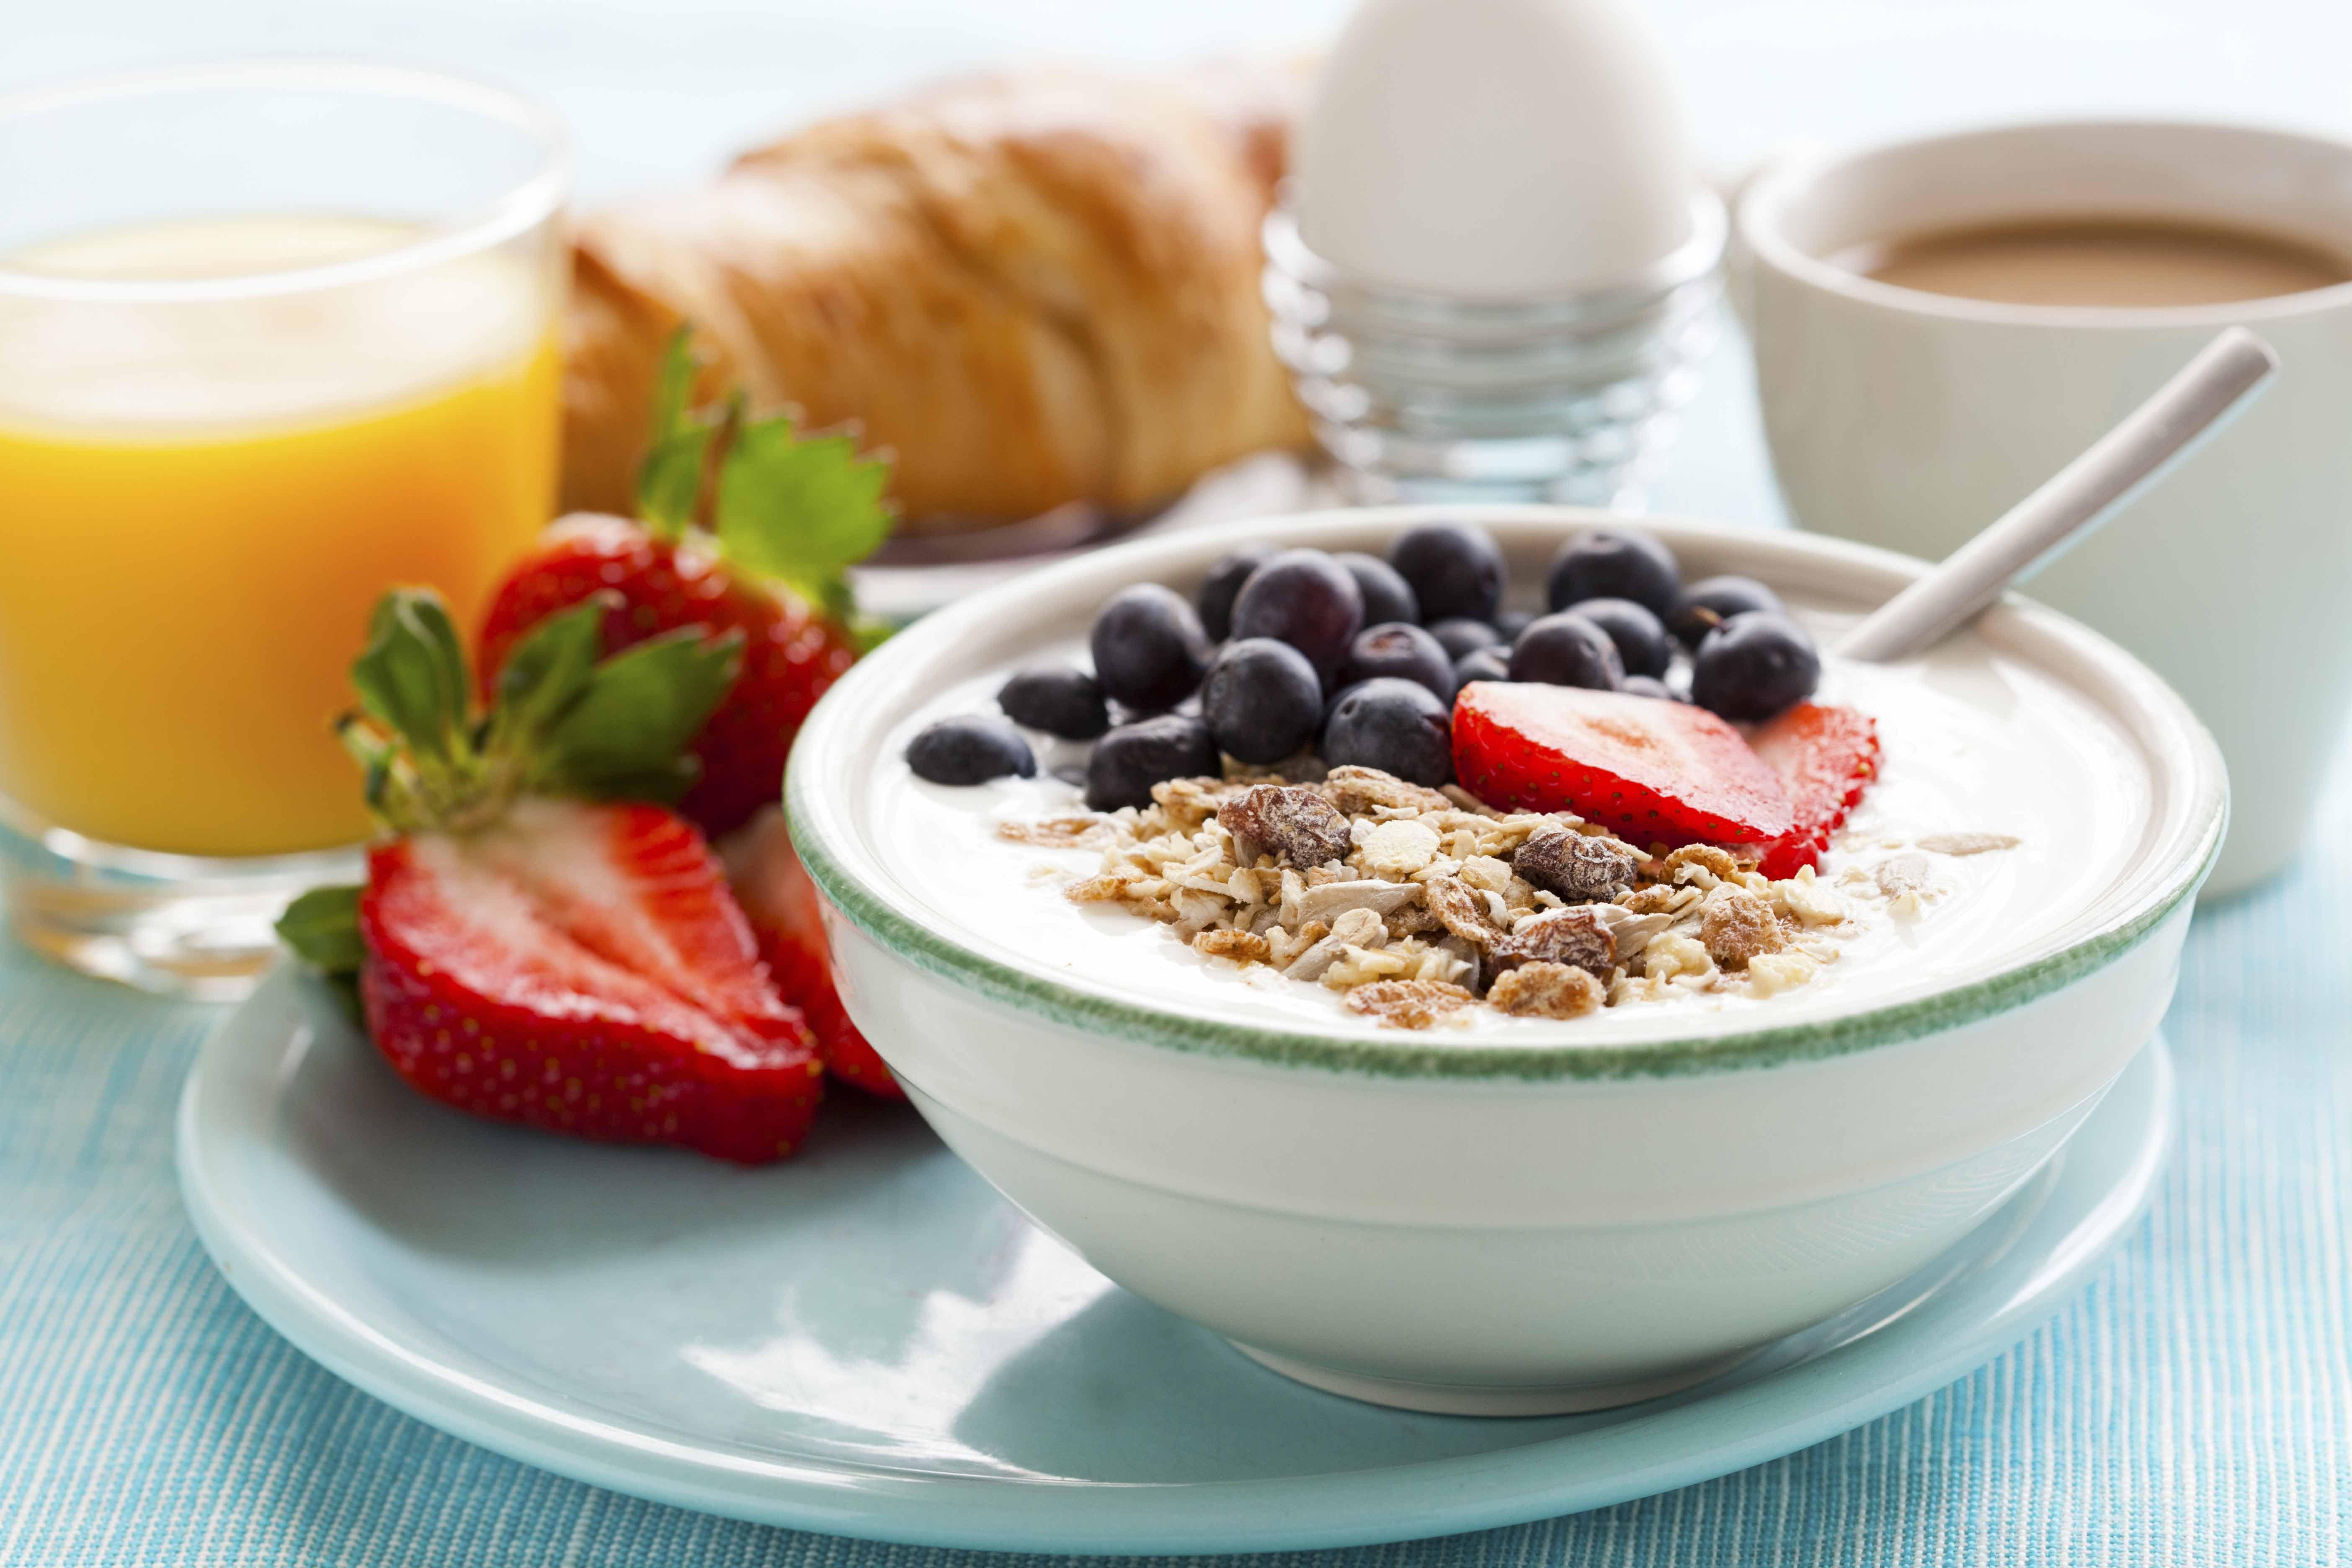 Yogurt and Berries